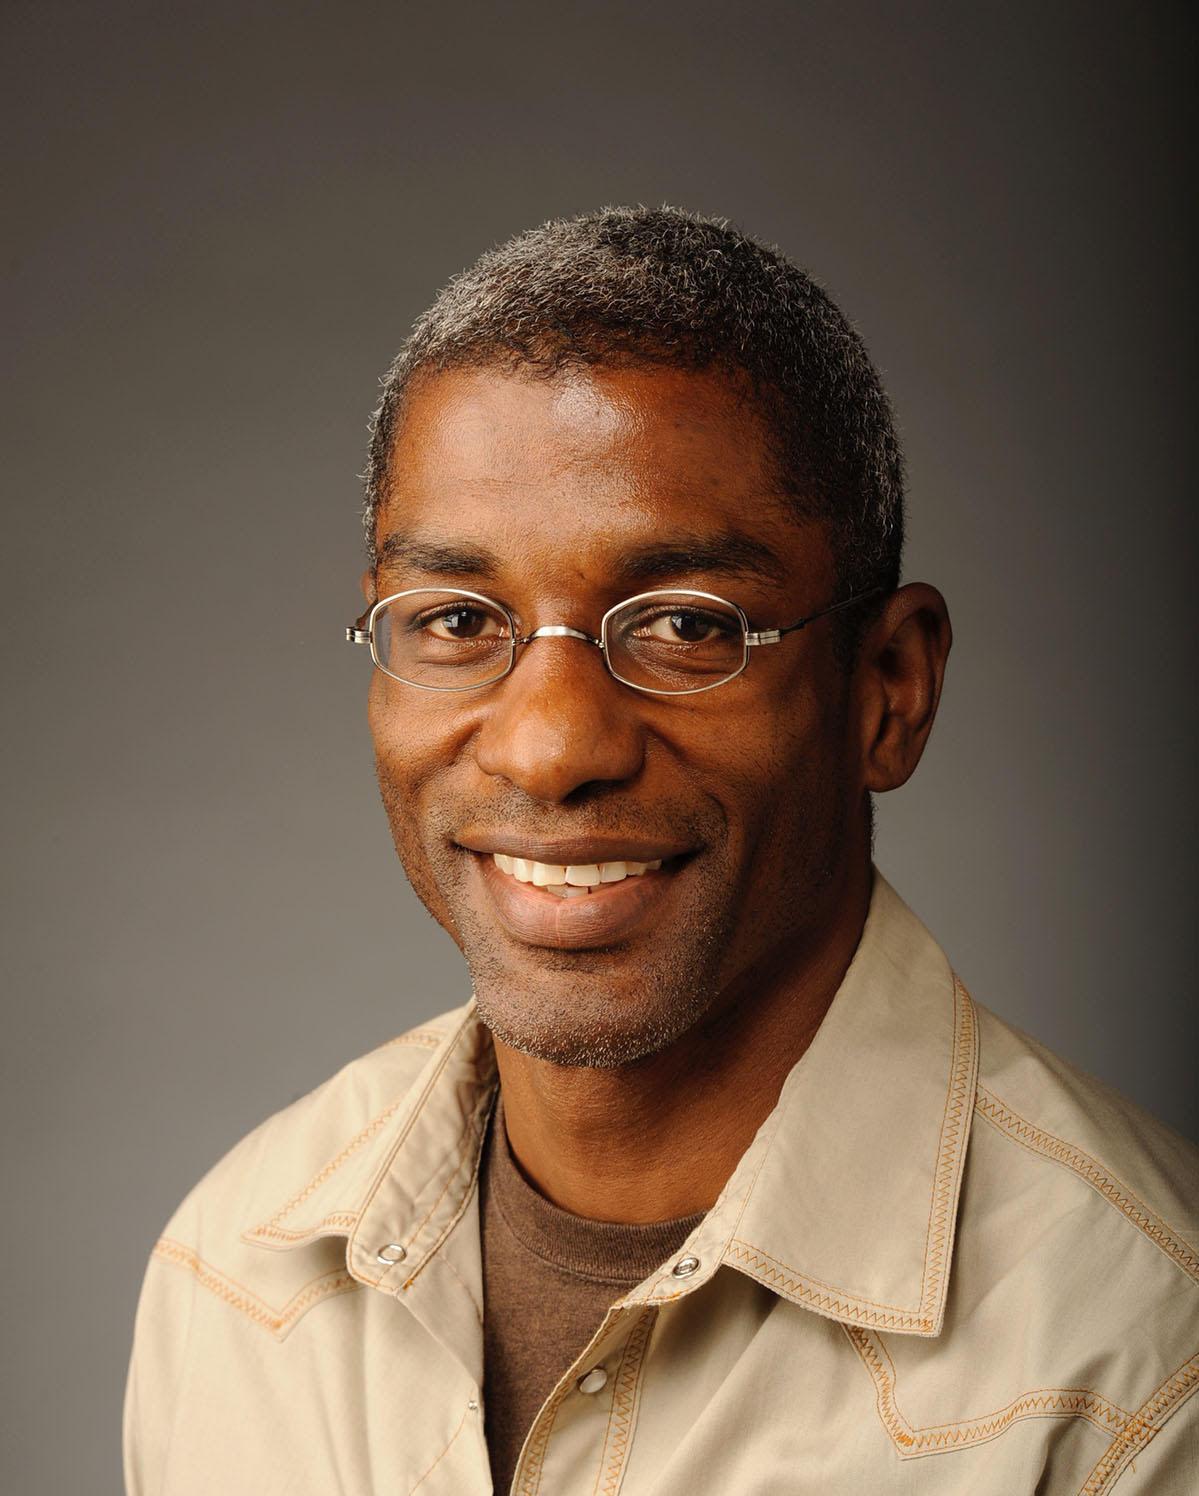 Headshot image of Paul S. Briggs